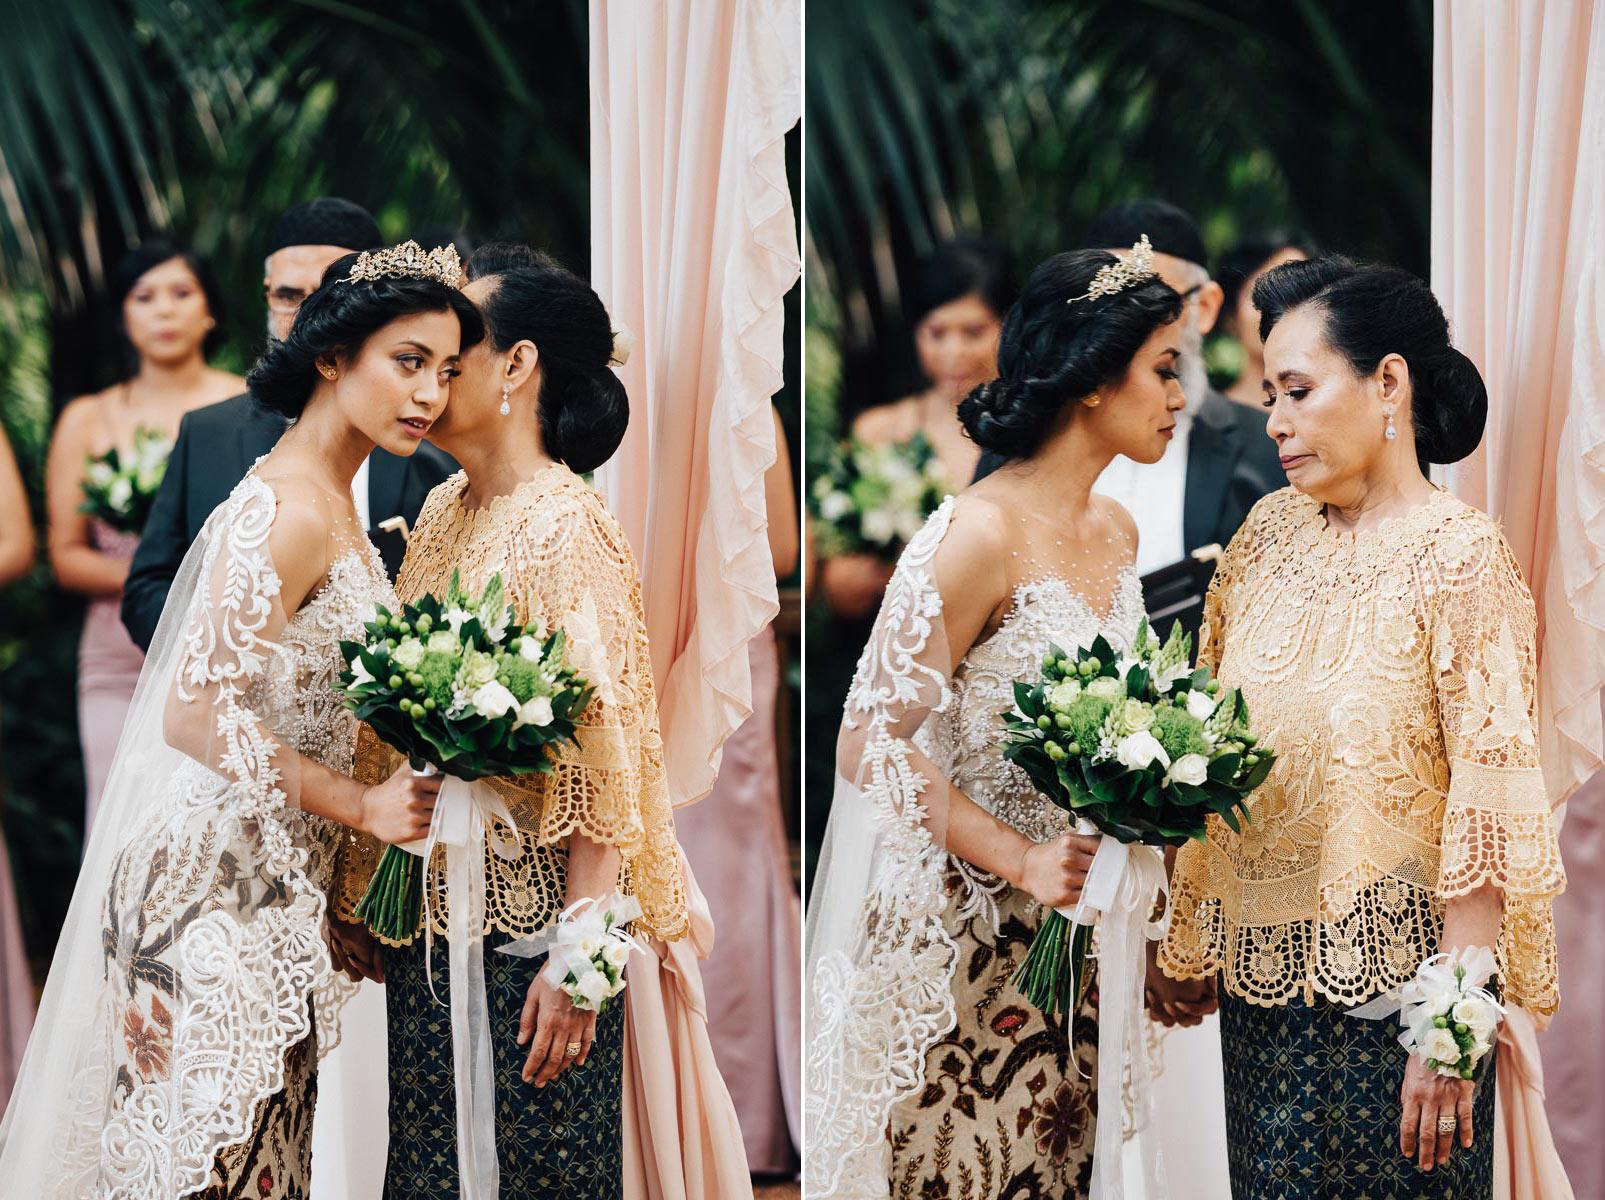 beautiful-uwa-wedding-photos-28.jpg